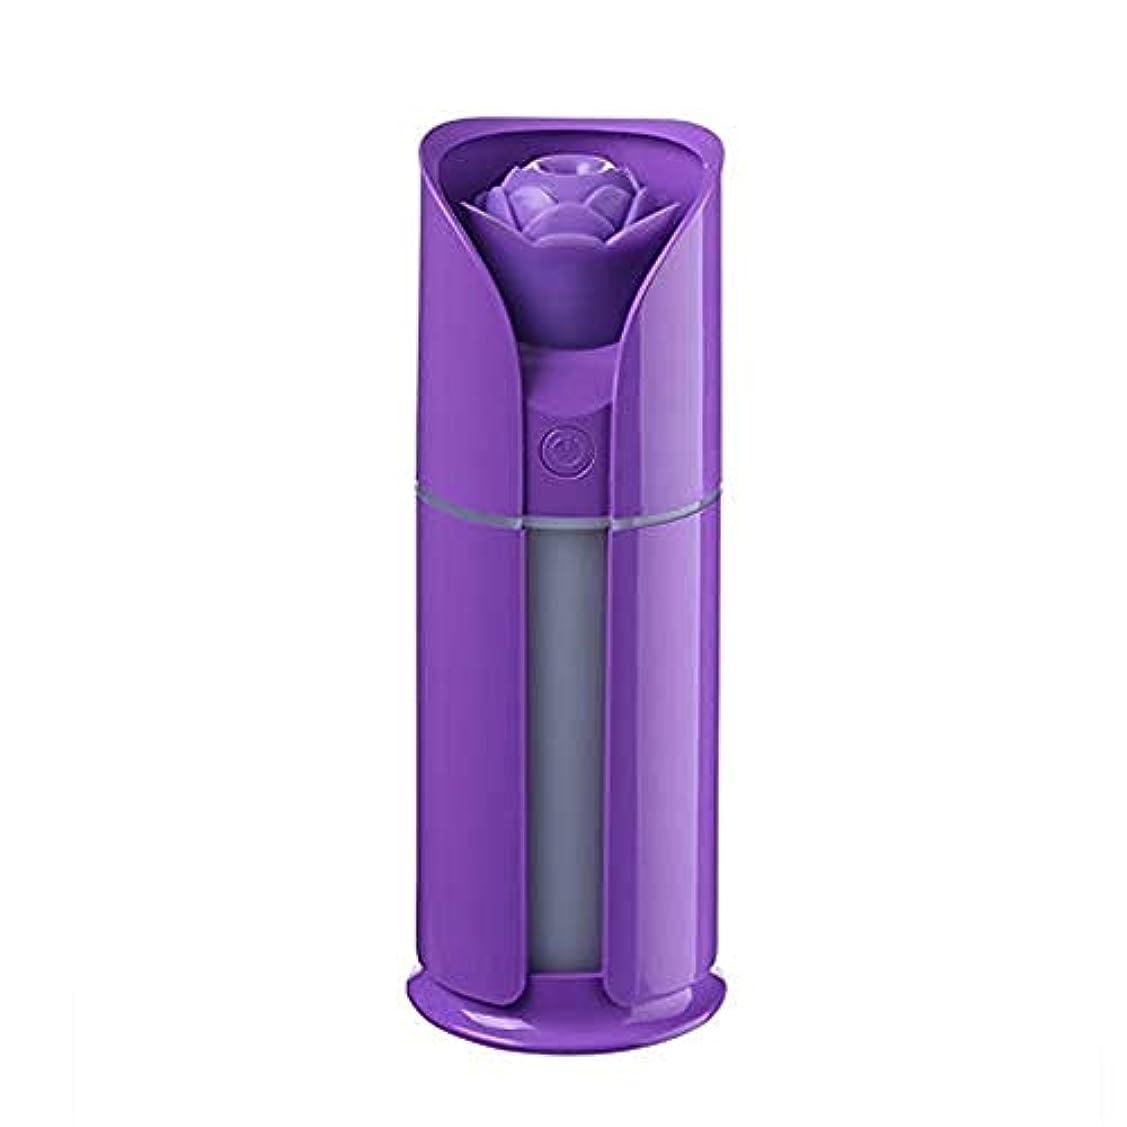 はげ勇敢な経過Jtydj 調節可能な散水なしの自動シャットダウンを備えた新鮮なミスト130 MLの加湿器 (色 : 紫の)